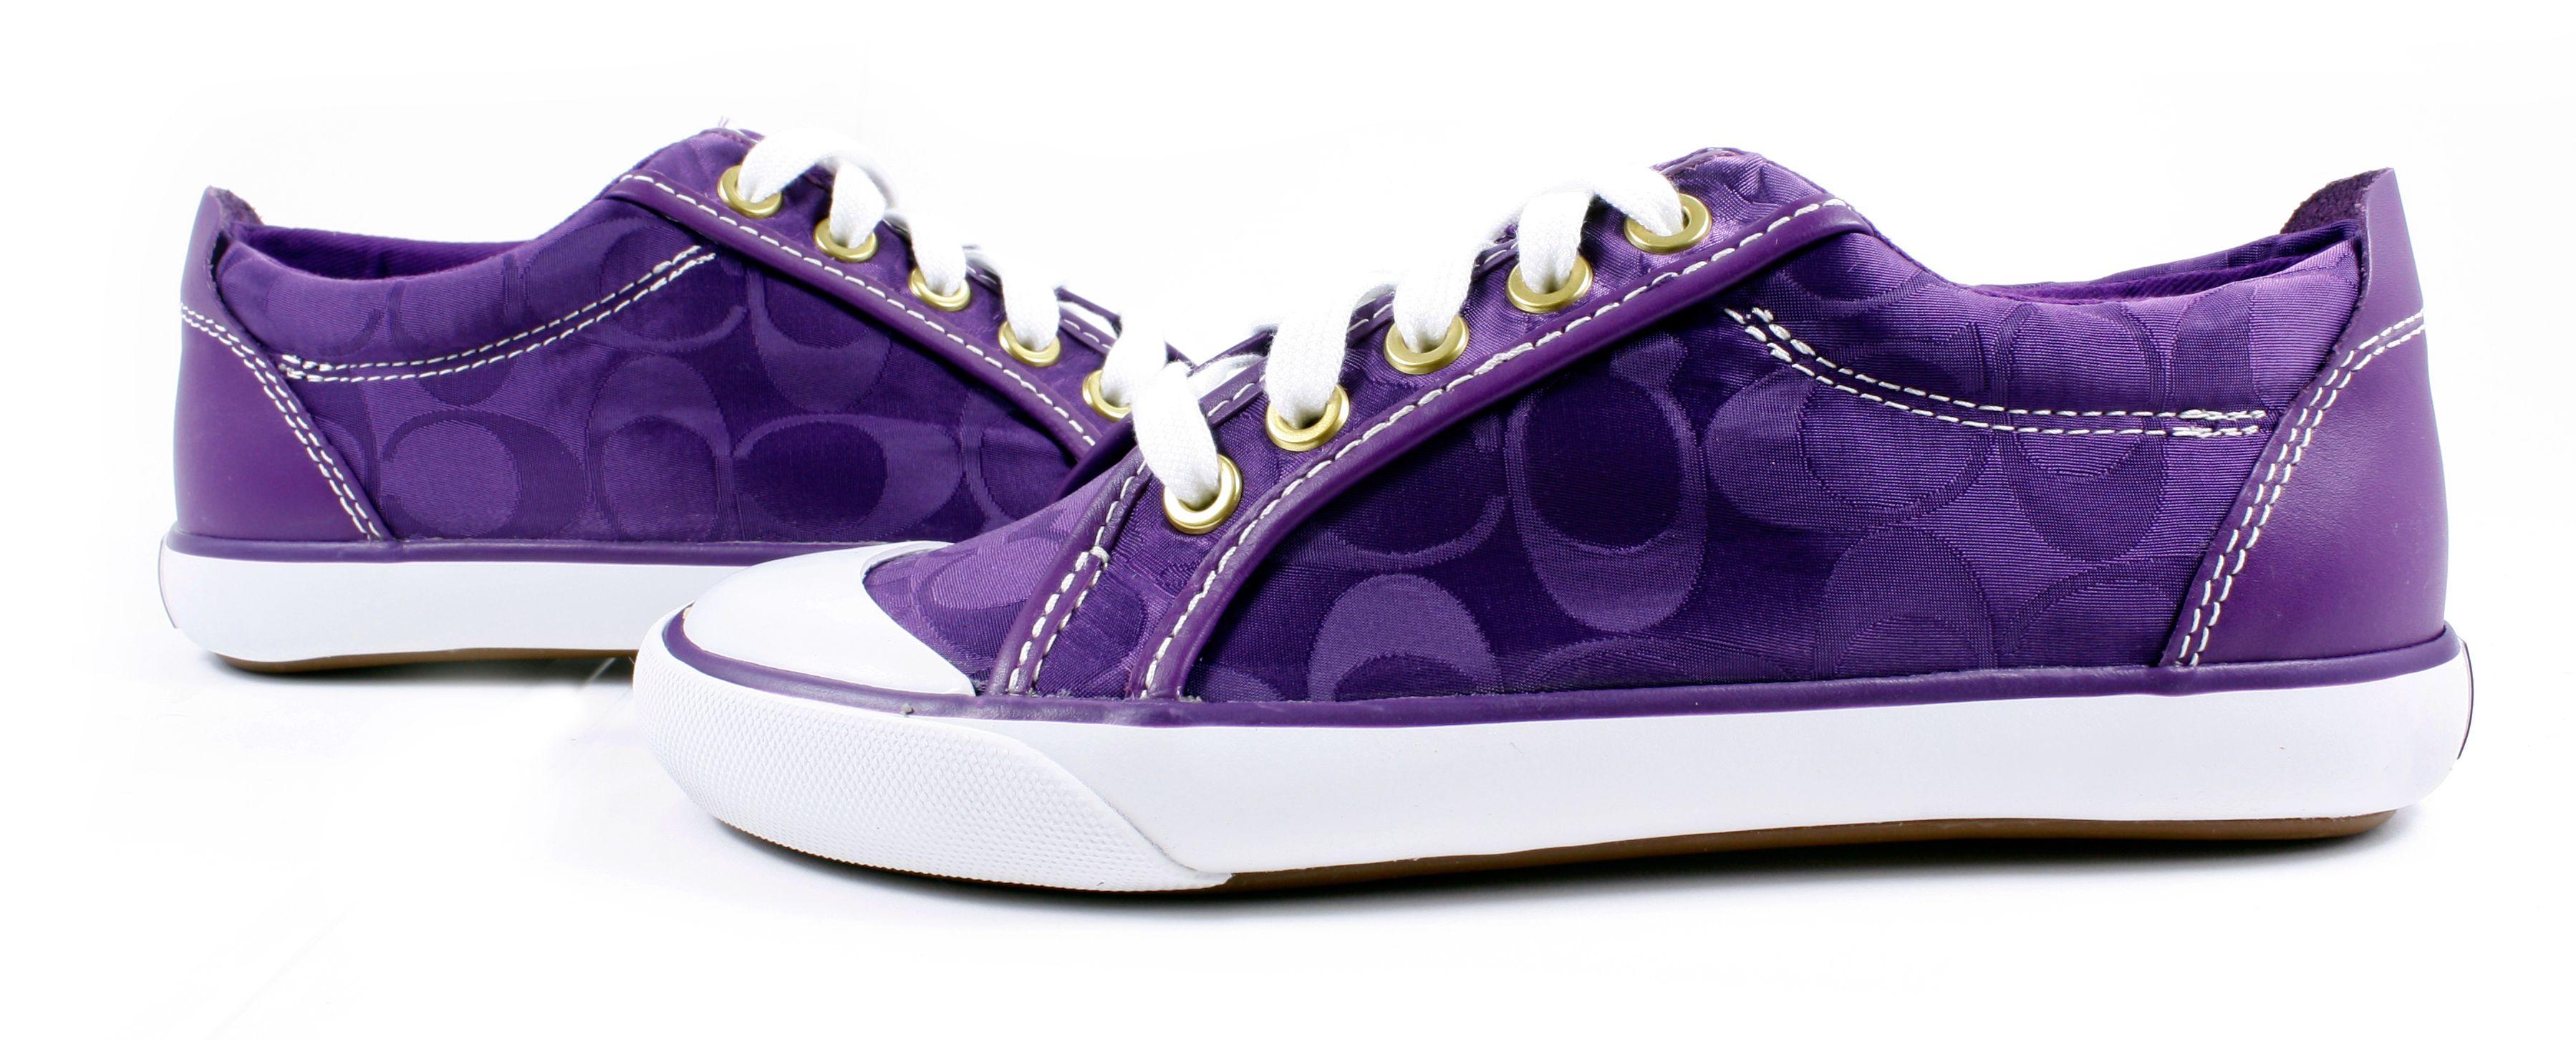 purple coach shoes  34030c8e5